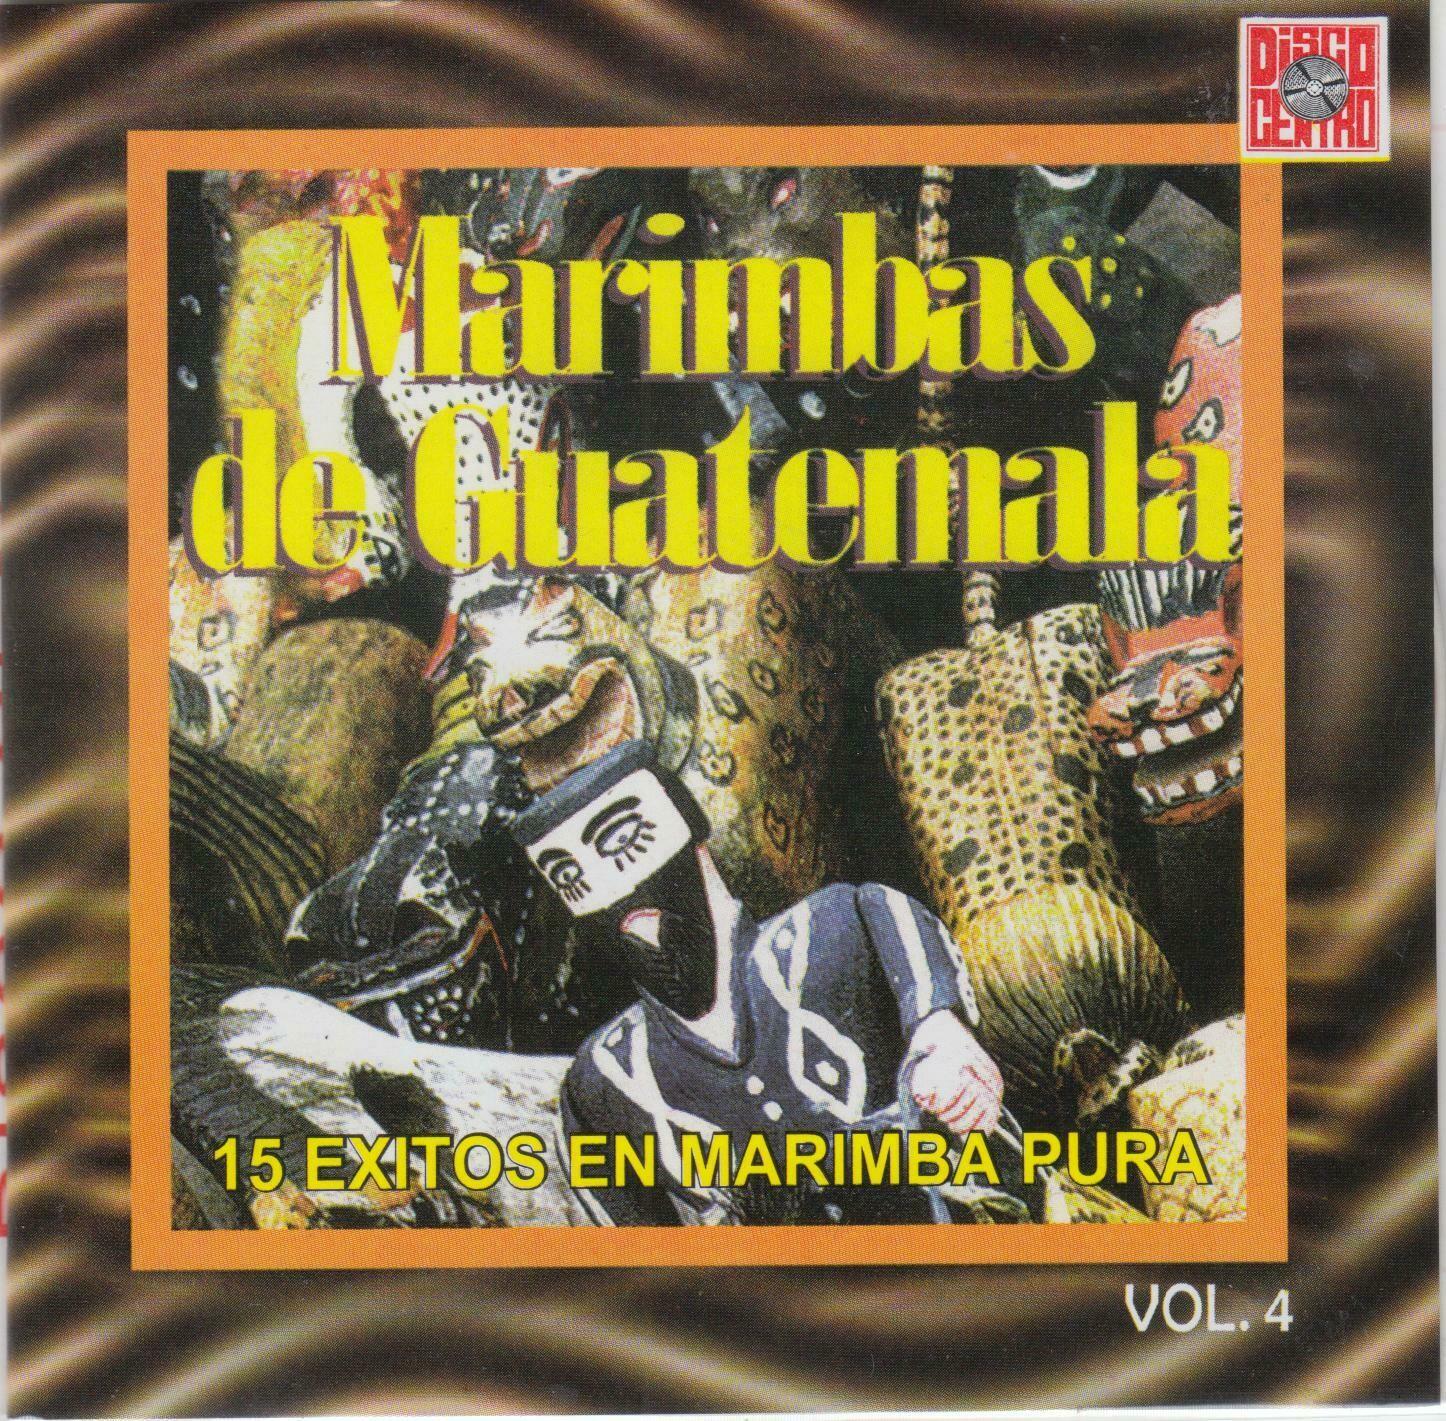 CD Marimbas de Guatemala - 15 Exitos